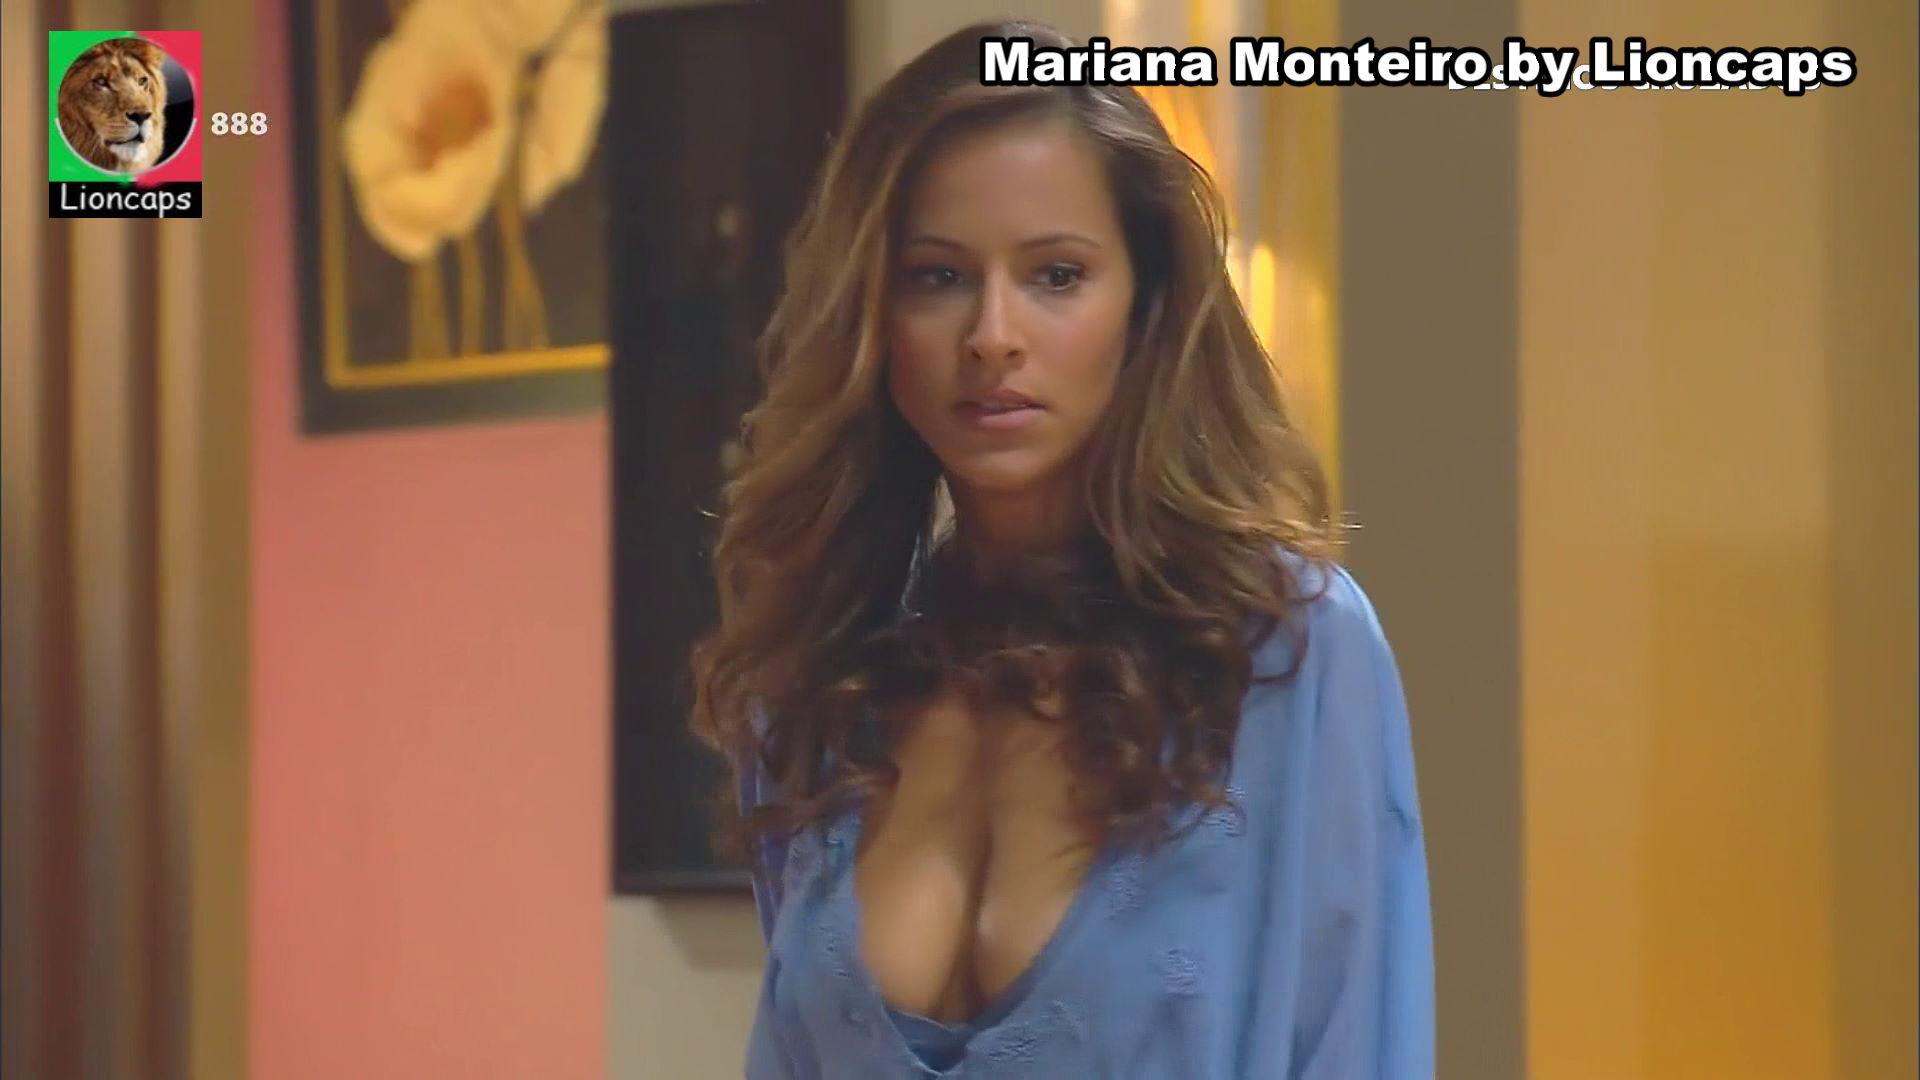 mariana_monteiro_vs200604-076 (12).JPG